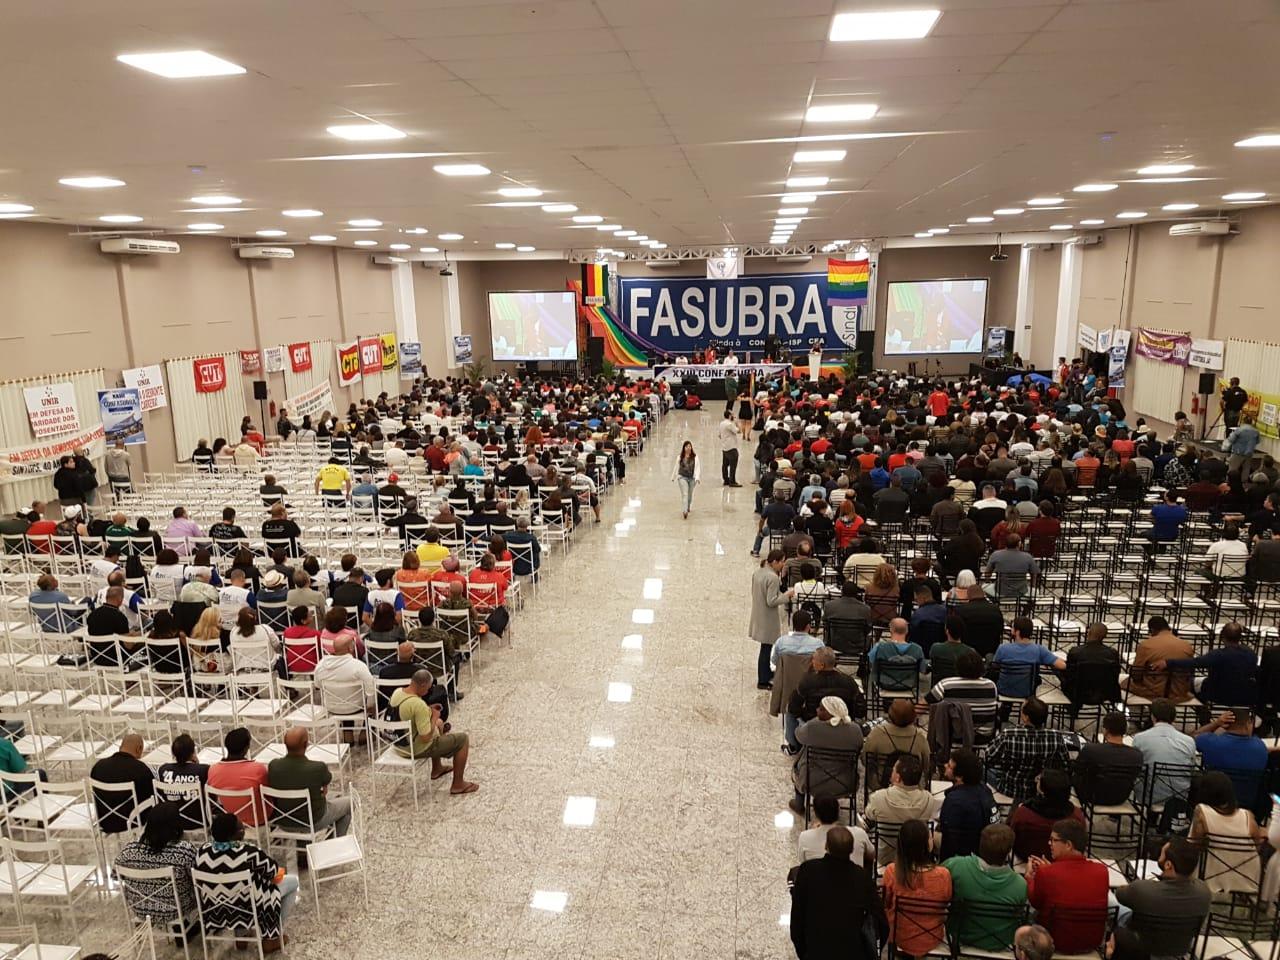 16 delegados do SINTUFSCar participam do 23º CONFASUBRA em Poços de Caldas